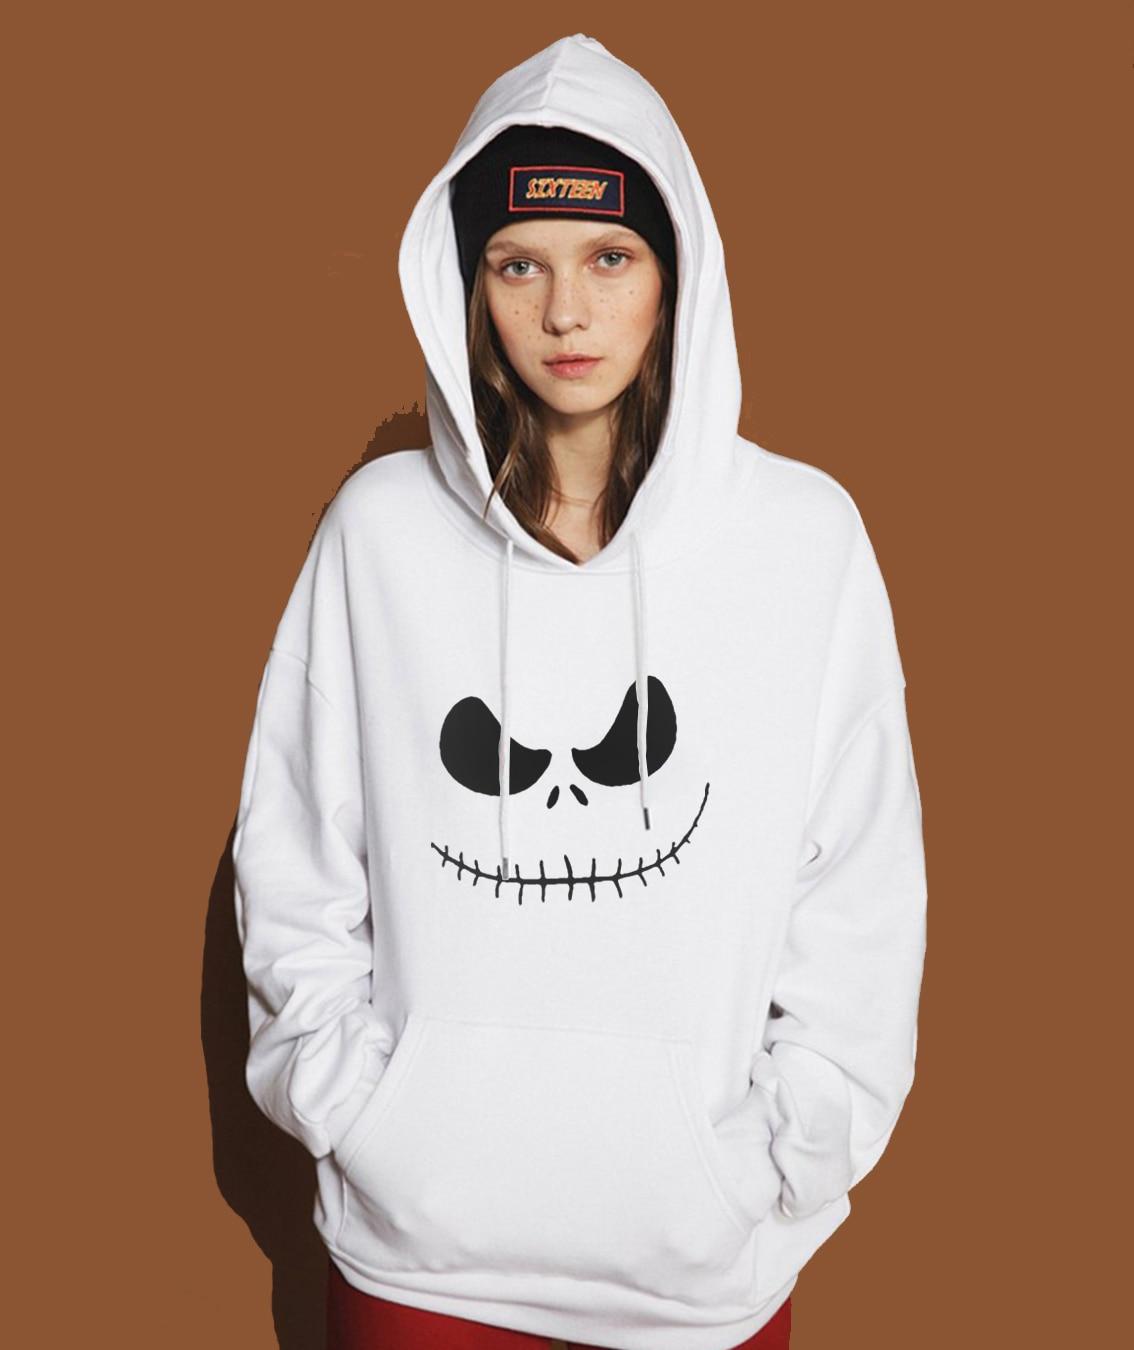 Jack Skellington Pumpkin King Print Hipster Hoodie For Women 2019 Spring Winter Sweatshirt Streetwear Punk Female Hoody Harajuku